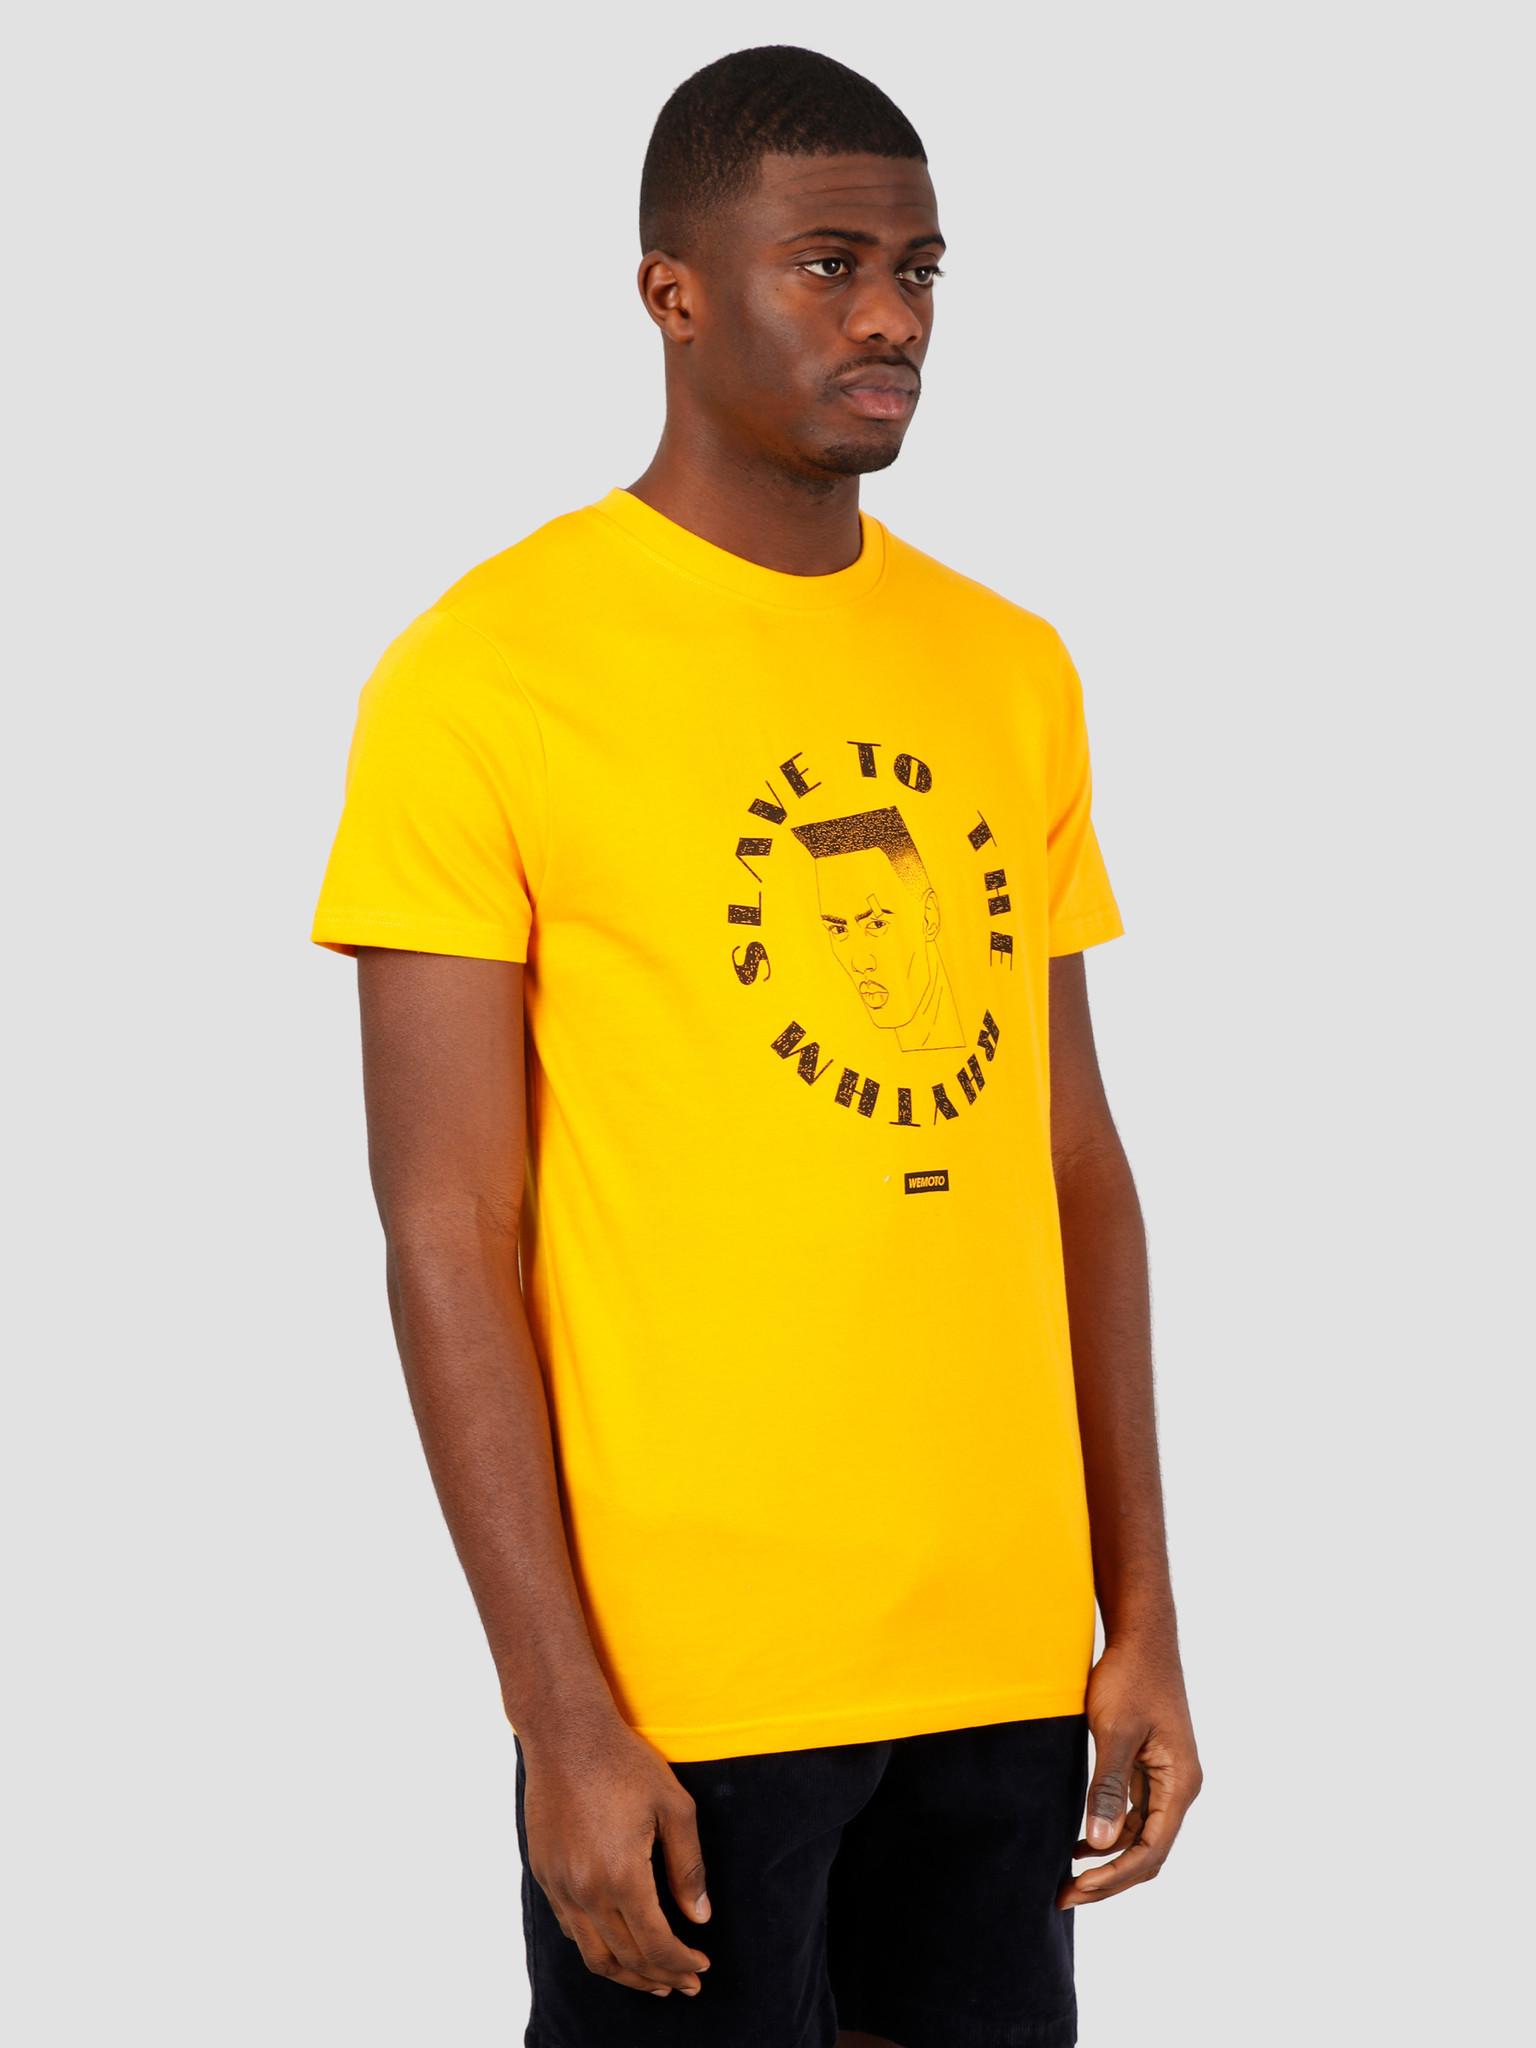 Wemoto Wemoto Sttr Tee T-Shirt Yellow 151.105-700